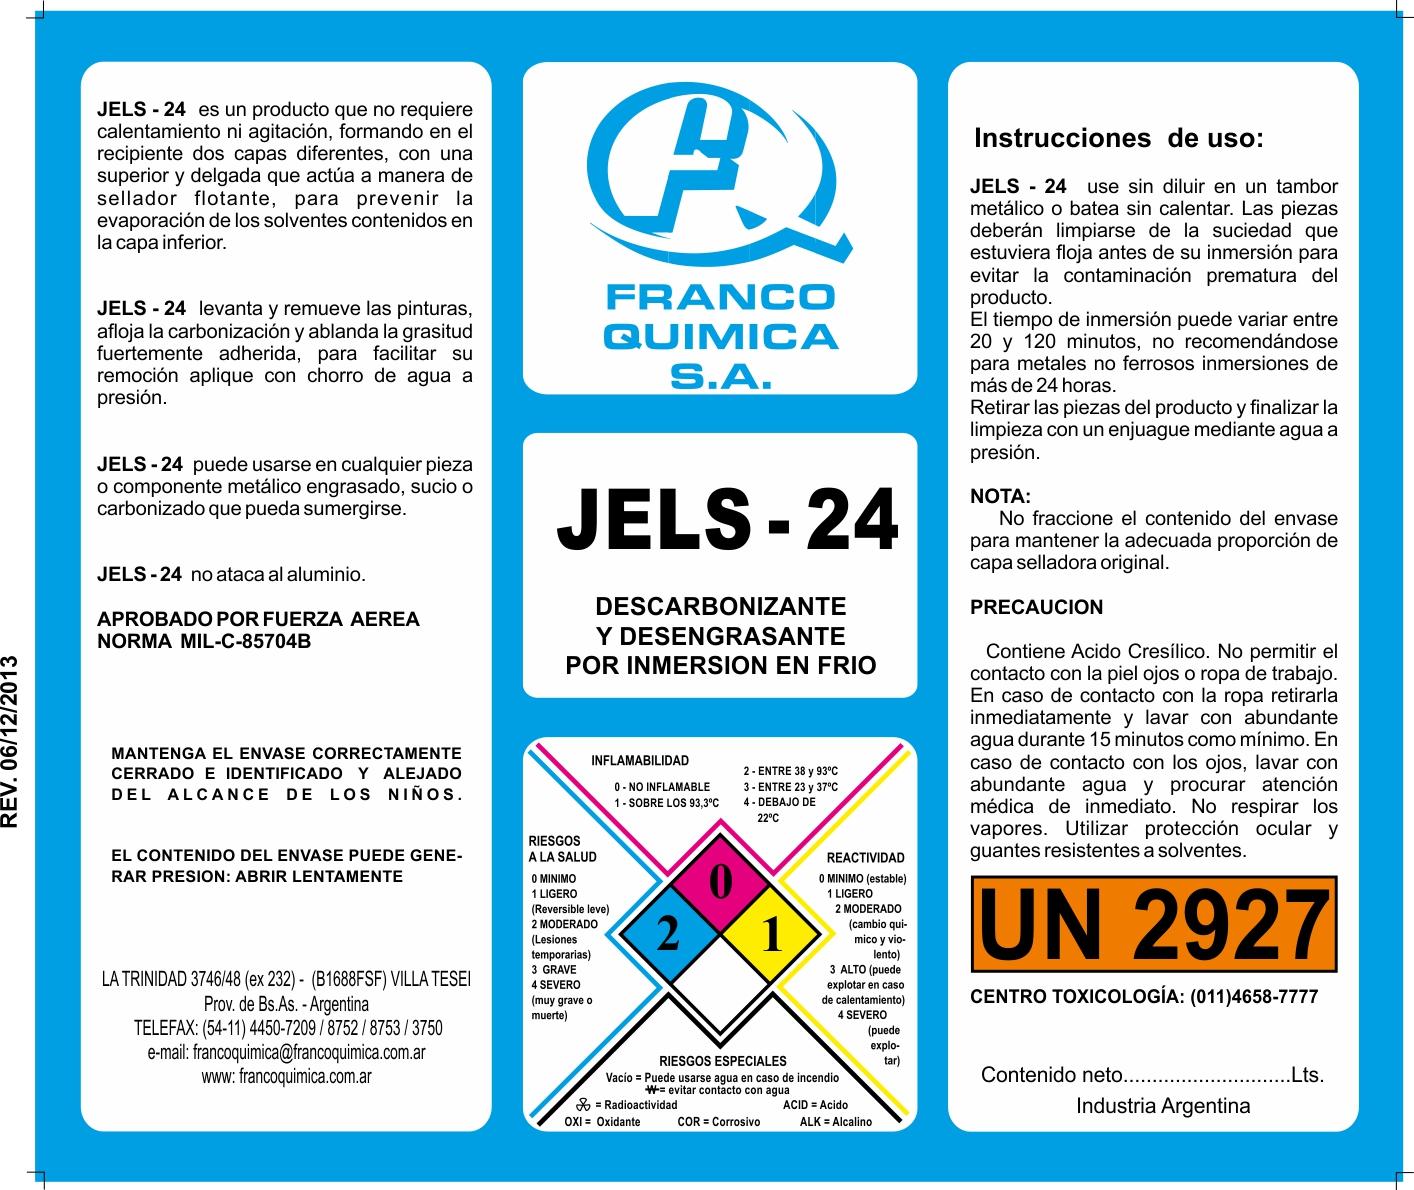 Jels 24 franco quimica s a for Programa de limpieza y desinfeccion de una cocina